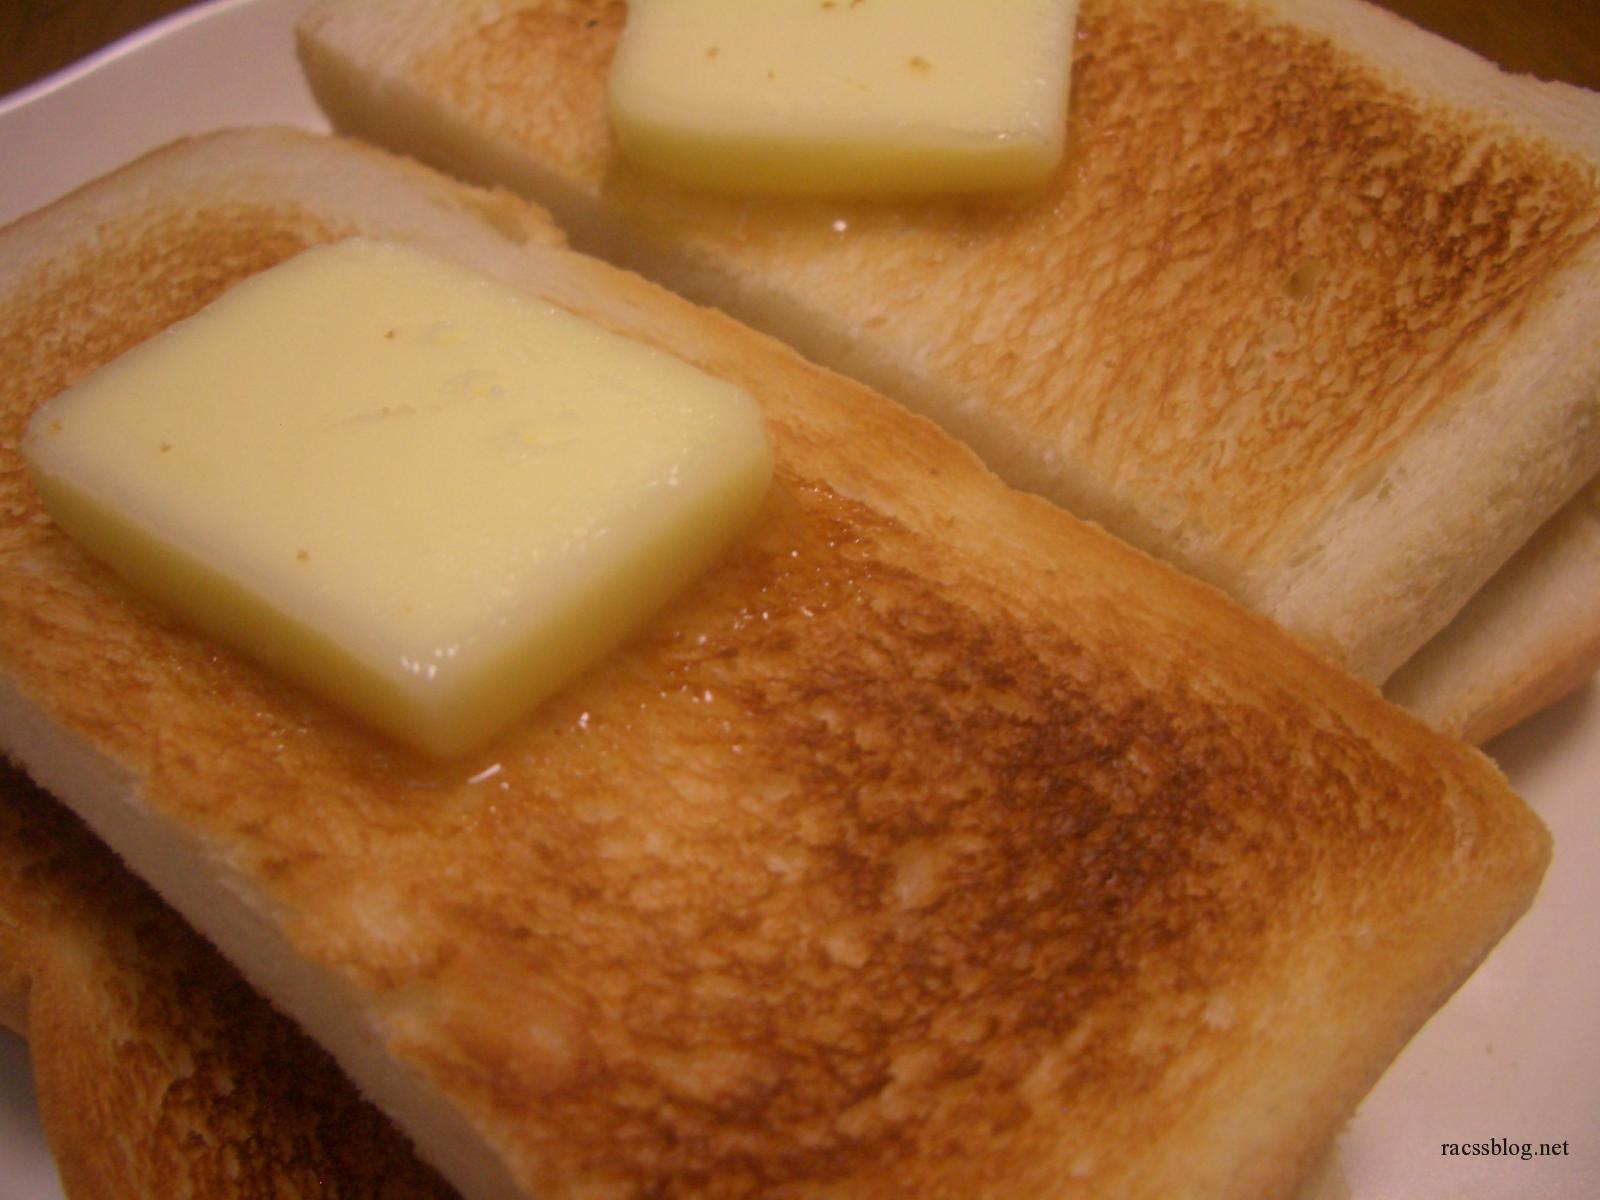 ちょっと変わったトースト食べたいなあというときのアレンジレシピ